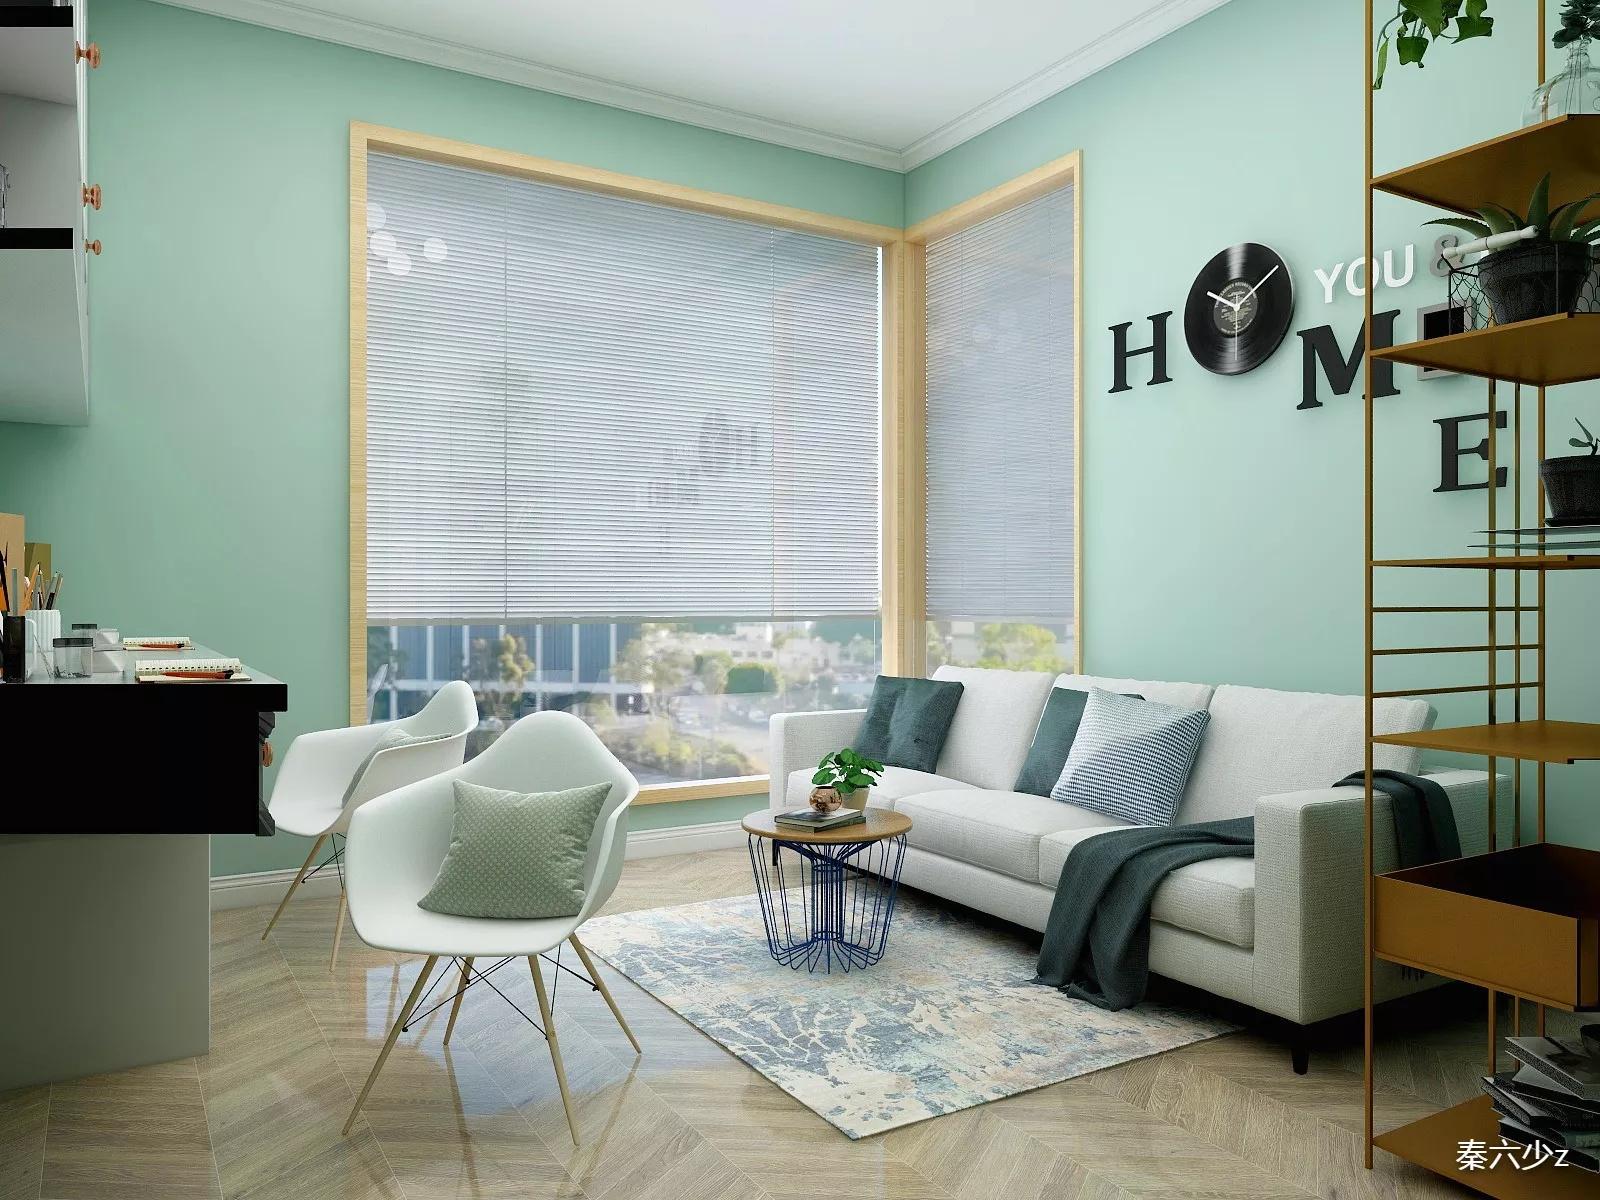 简约现代温馨风格客厅装修效果图